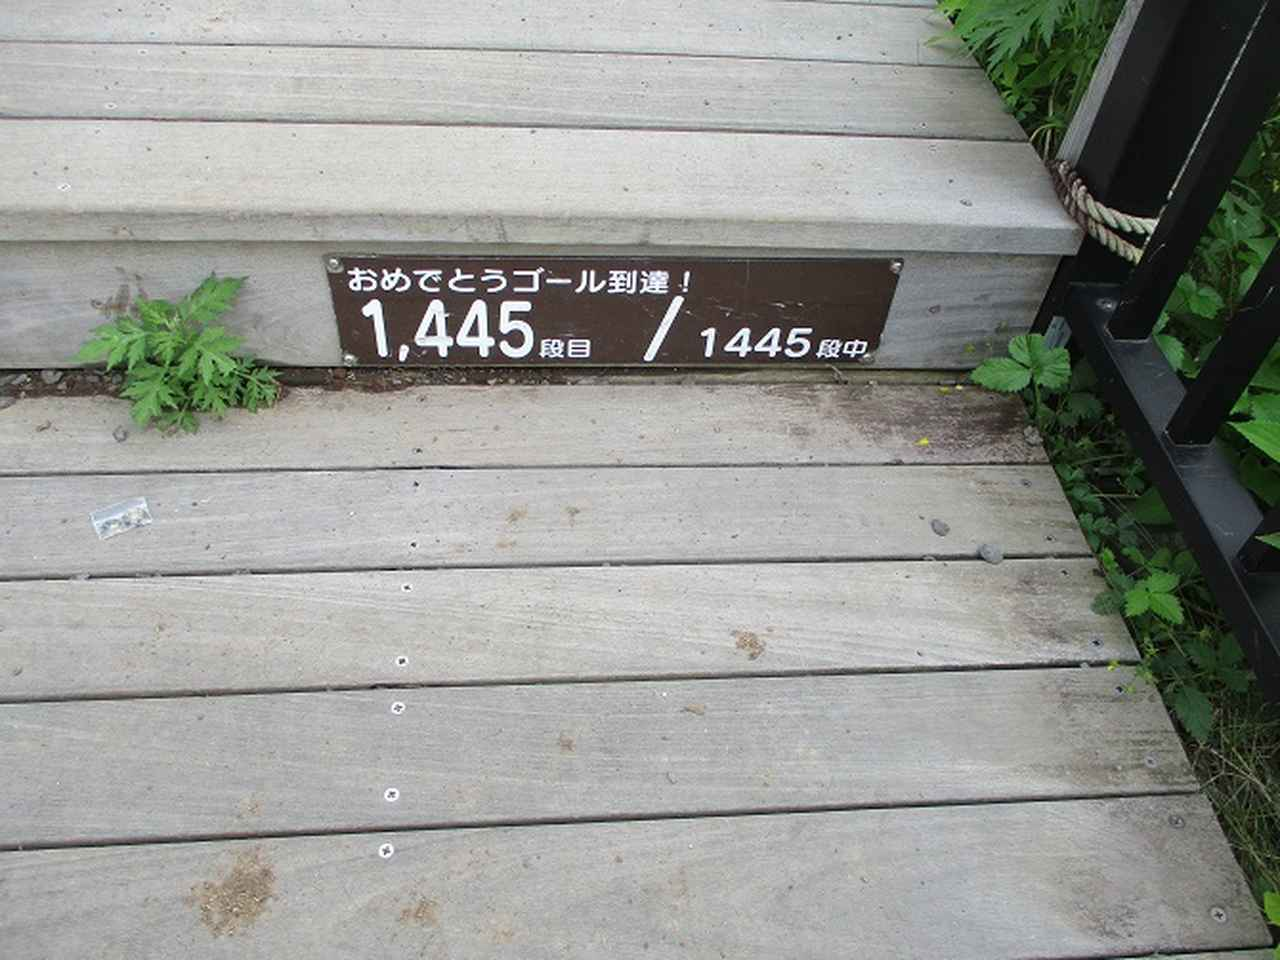 画像6: 6月28日に山旅会 「丸山」 ツアーに行ってきました!